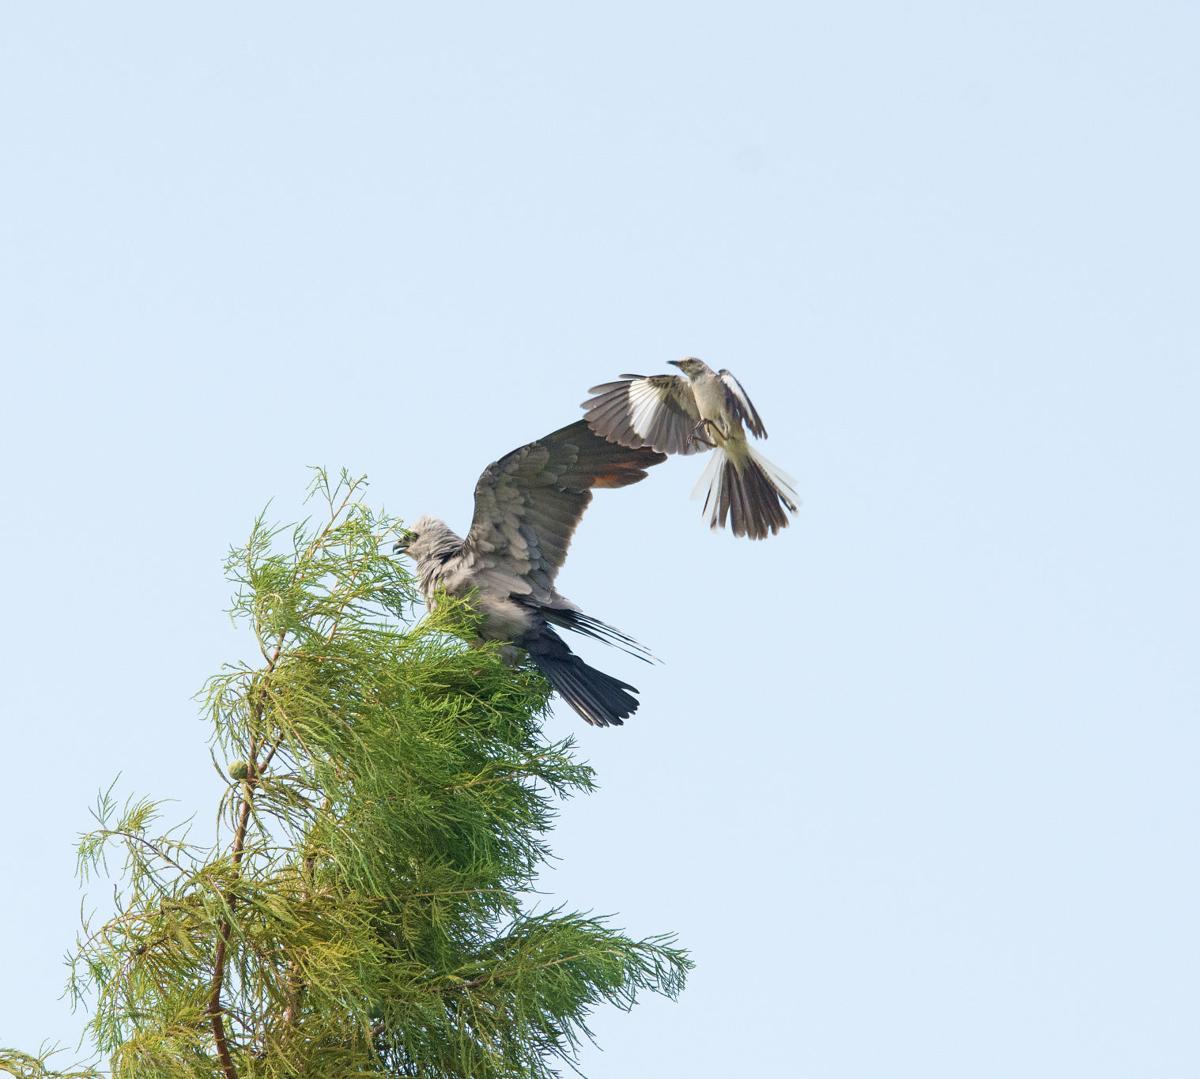 Kite and Mockingbird